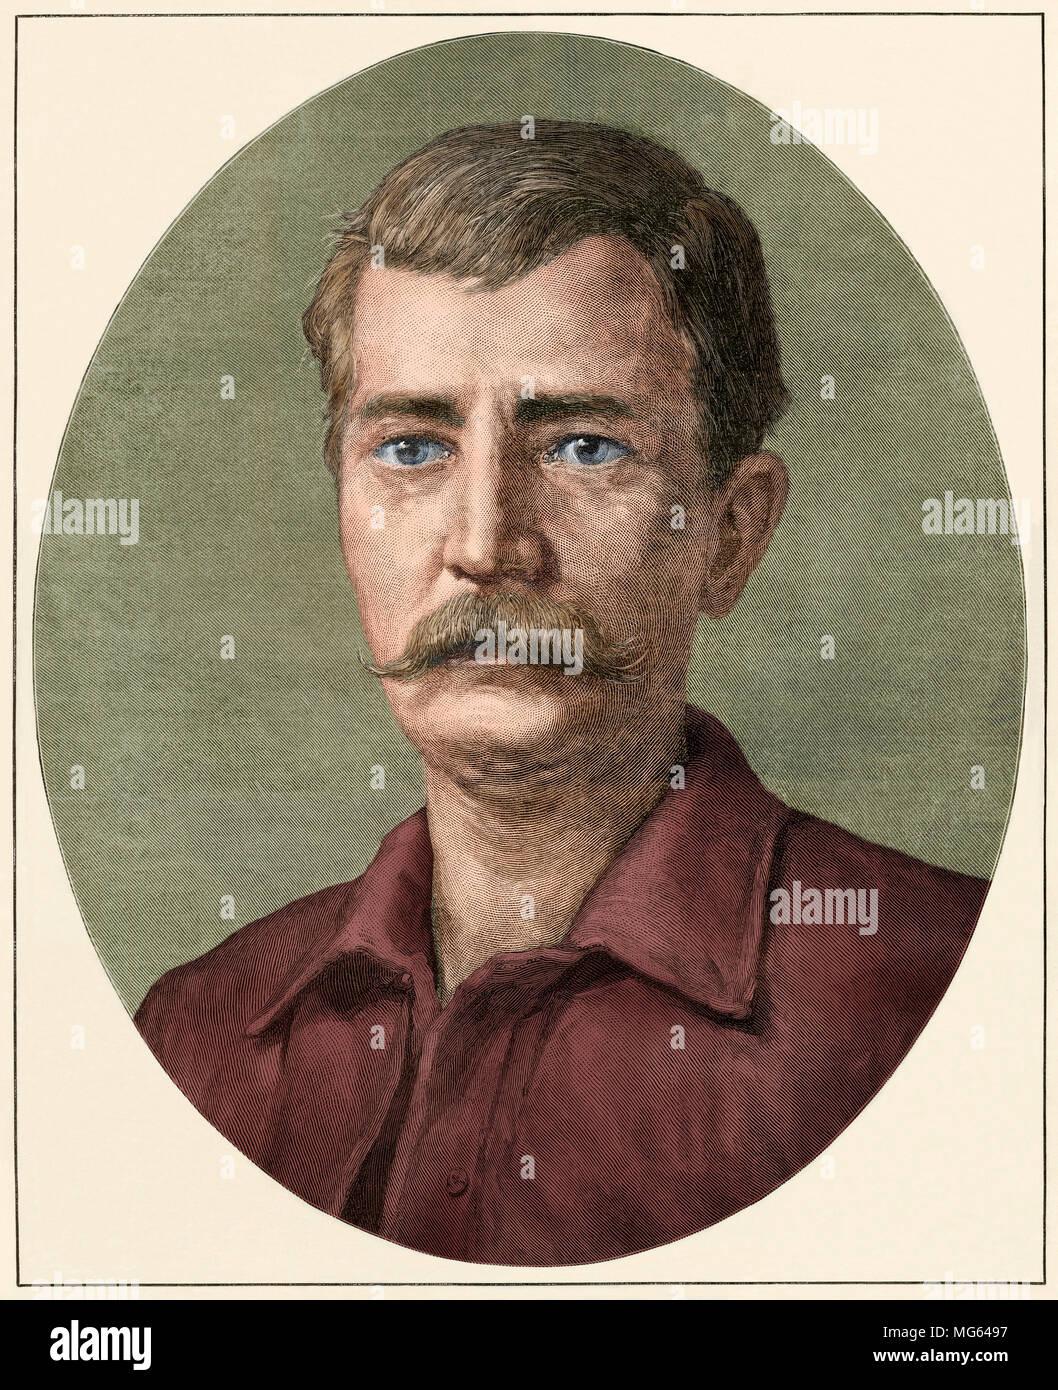 ヘンリー・モートン・スタンリー